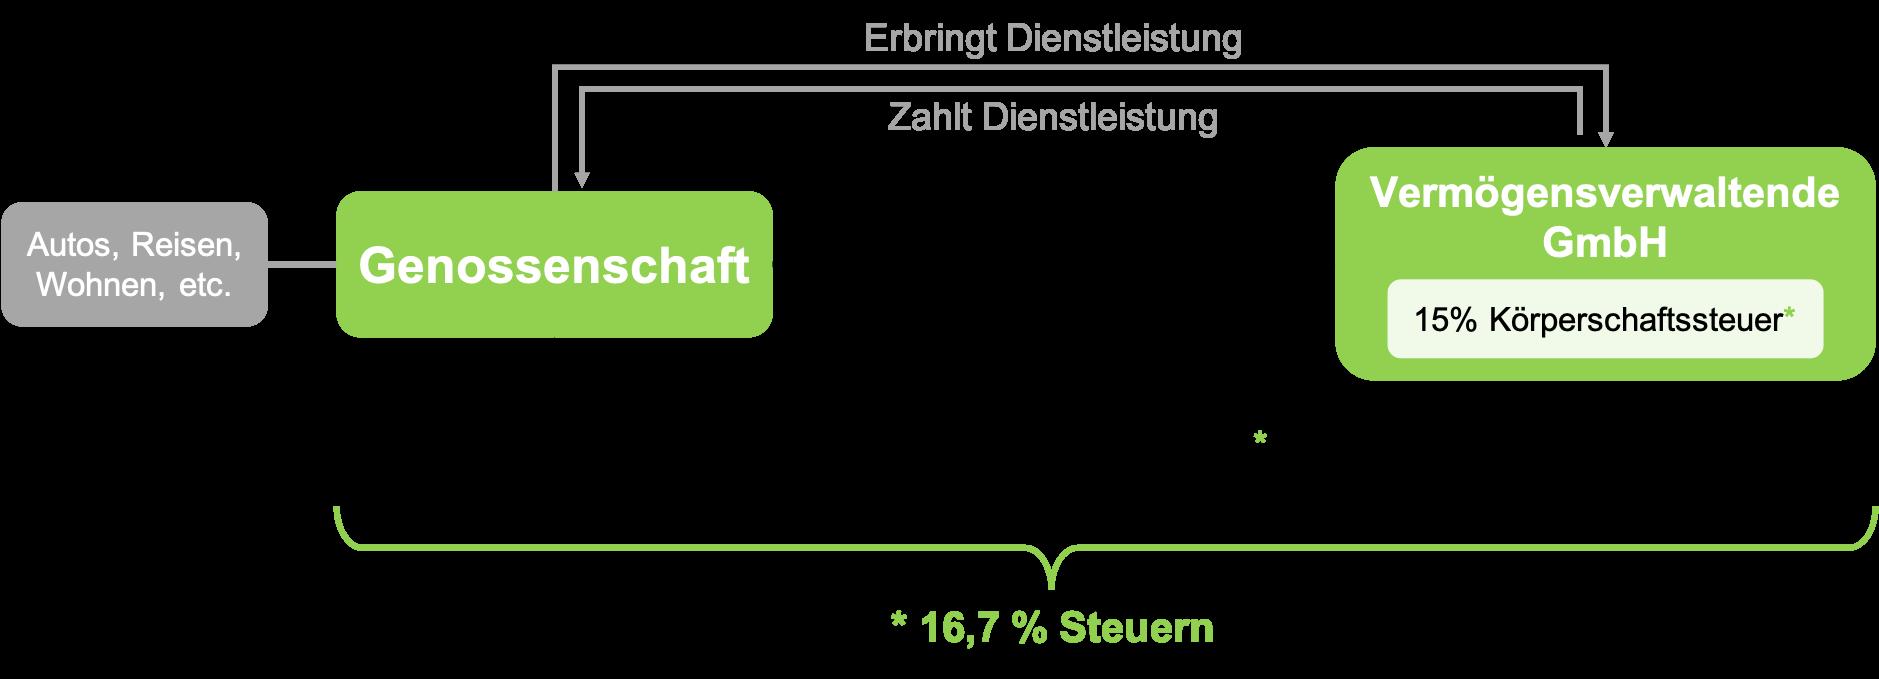 Die Genossenschaft als Konzern: Schaubild der Struktur mit einer vermögensverwaltenden GmbH als Tochter